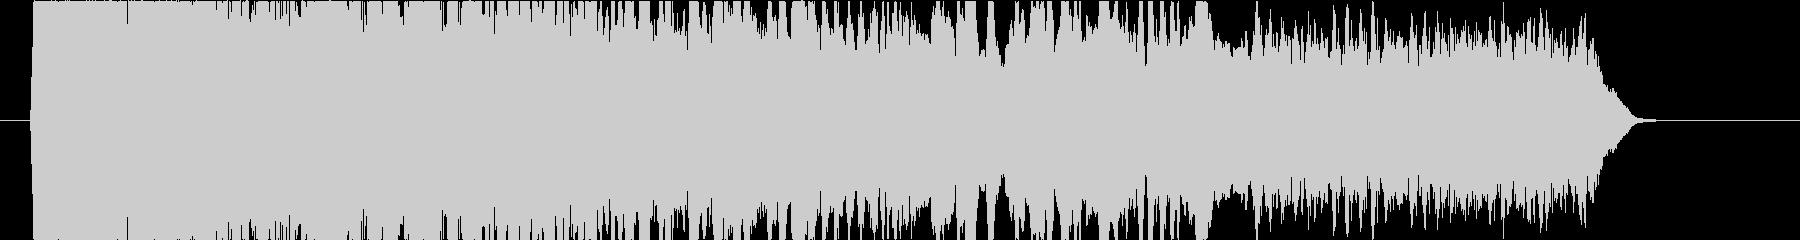 エレキギターのフィードバック音コードEの未再生の波形